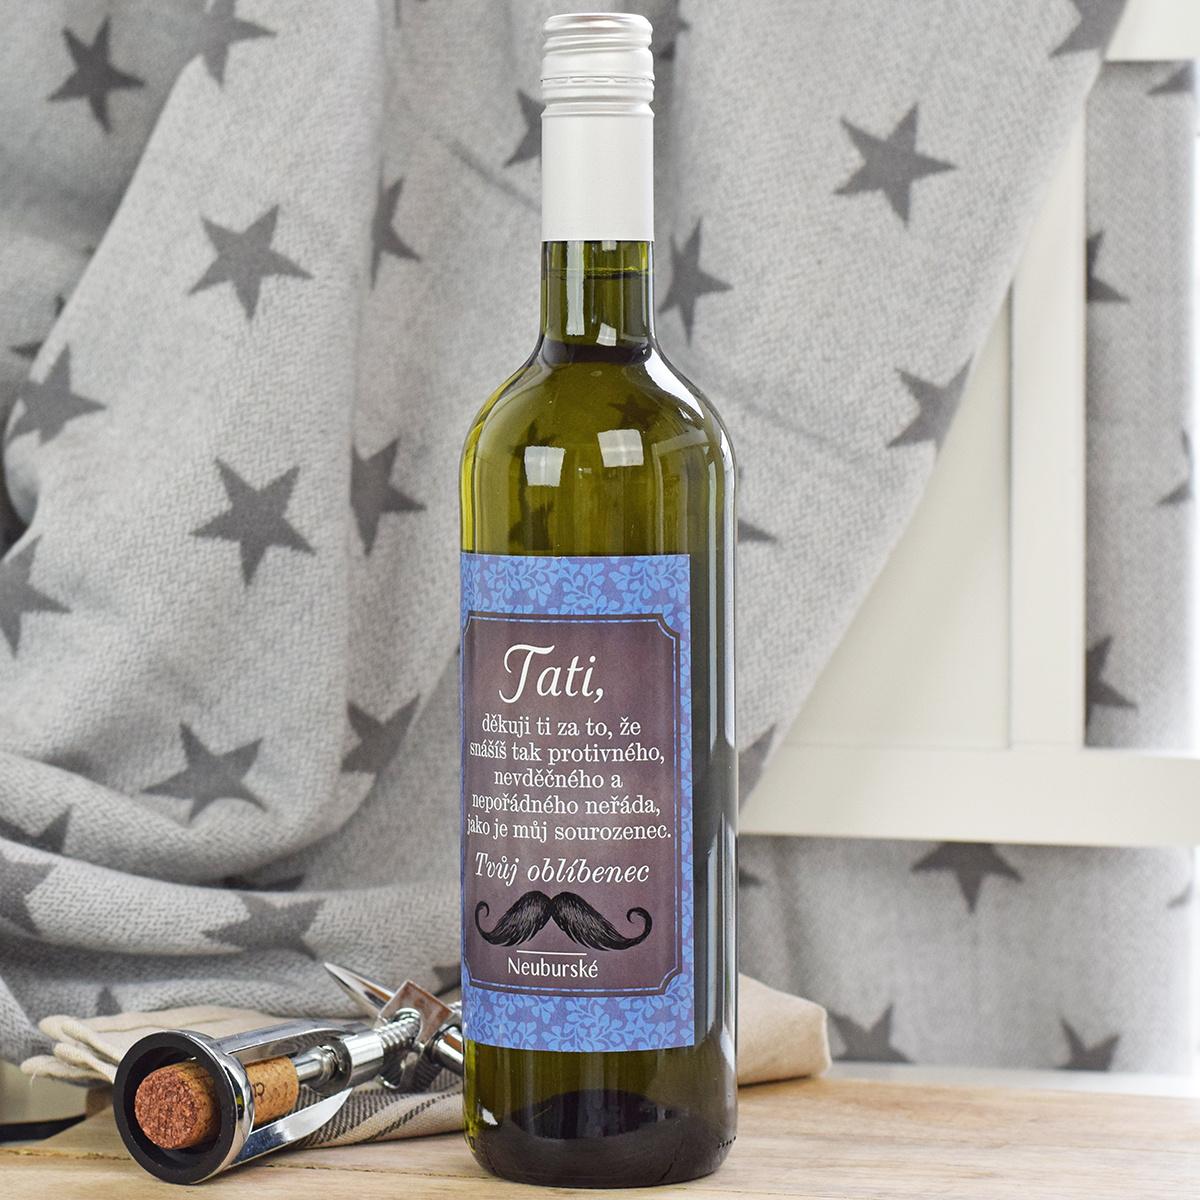 HOUSEDECOR Dárkové víno pro tatínka - bílé (Tvůj oblíbenec)